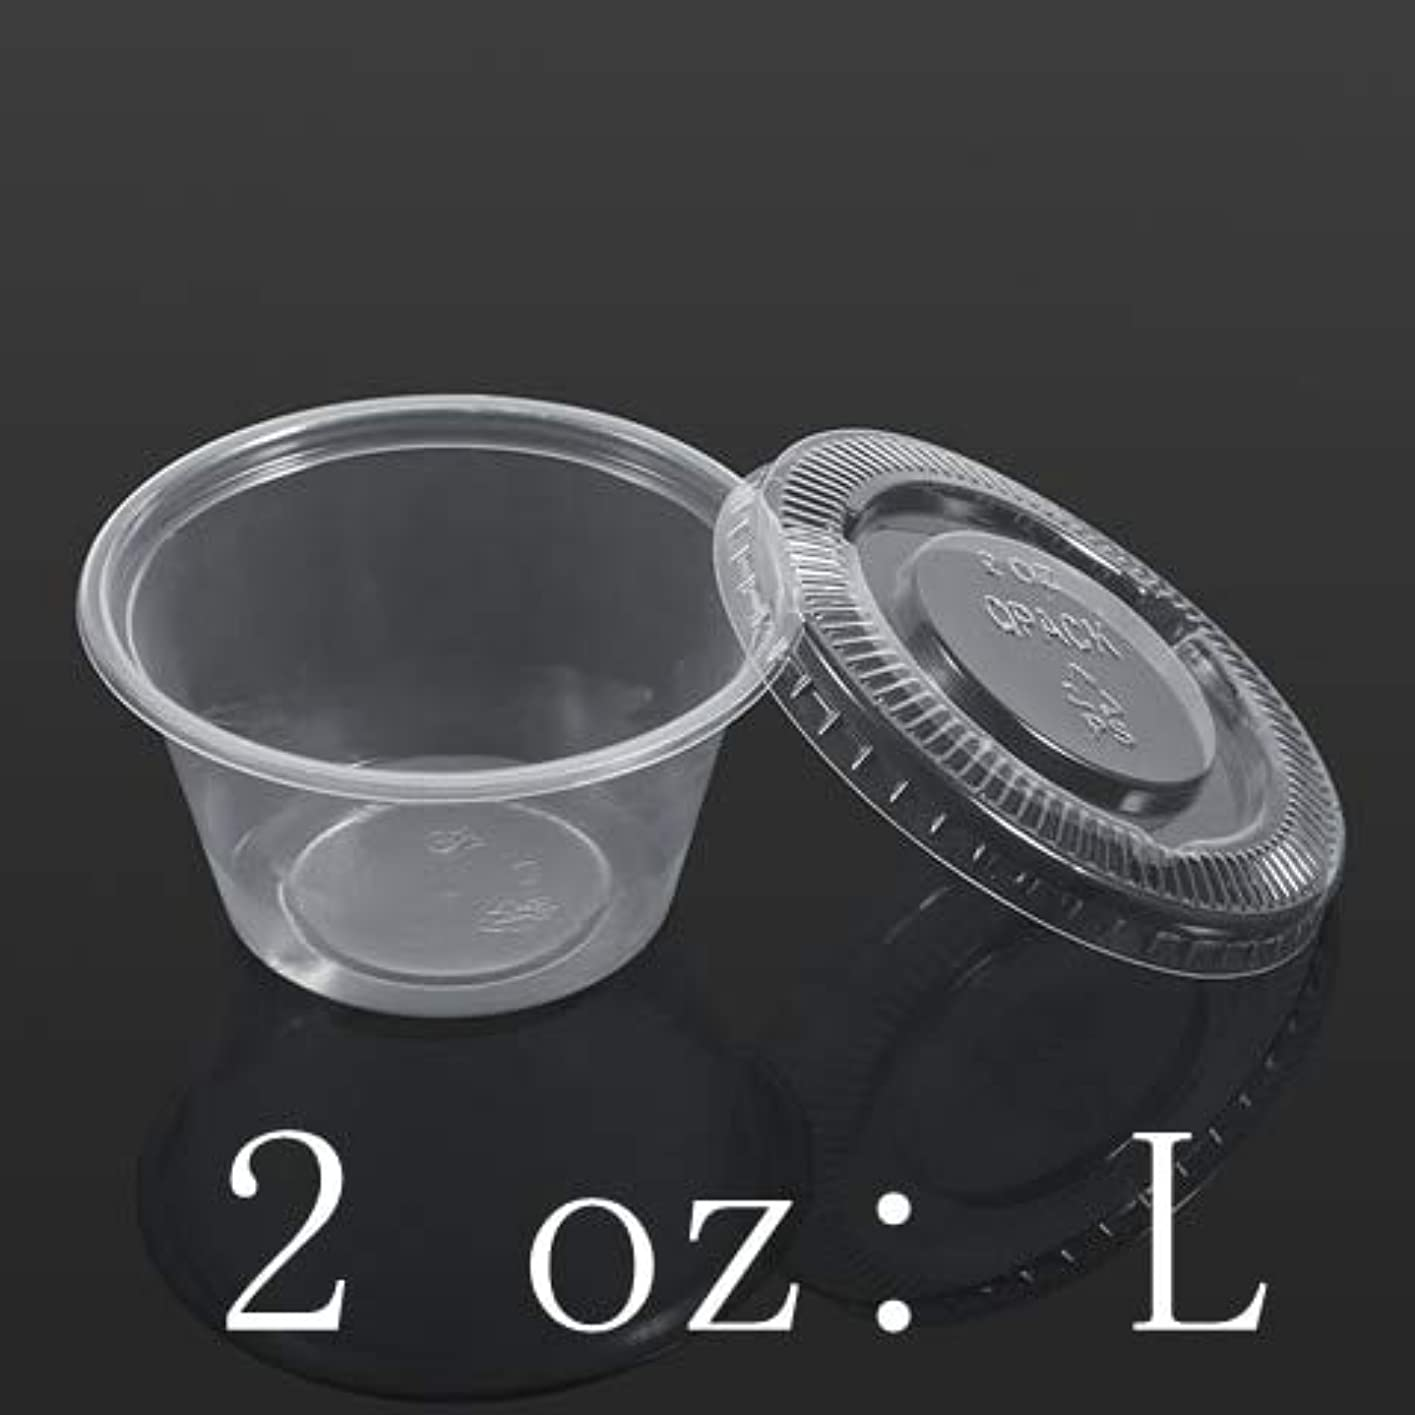 長方形安全でない多用途Maxcrestas - 蓋食品テイクアウトでMaxcrestas - 50pcsの醤油カップ使い捨てのプラスチック製のクリアソースチャツネカップボックス